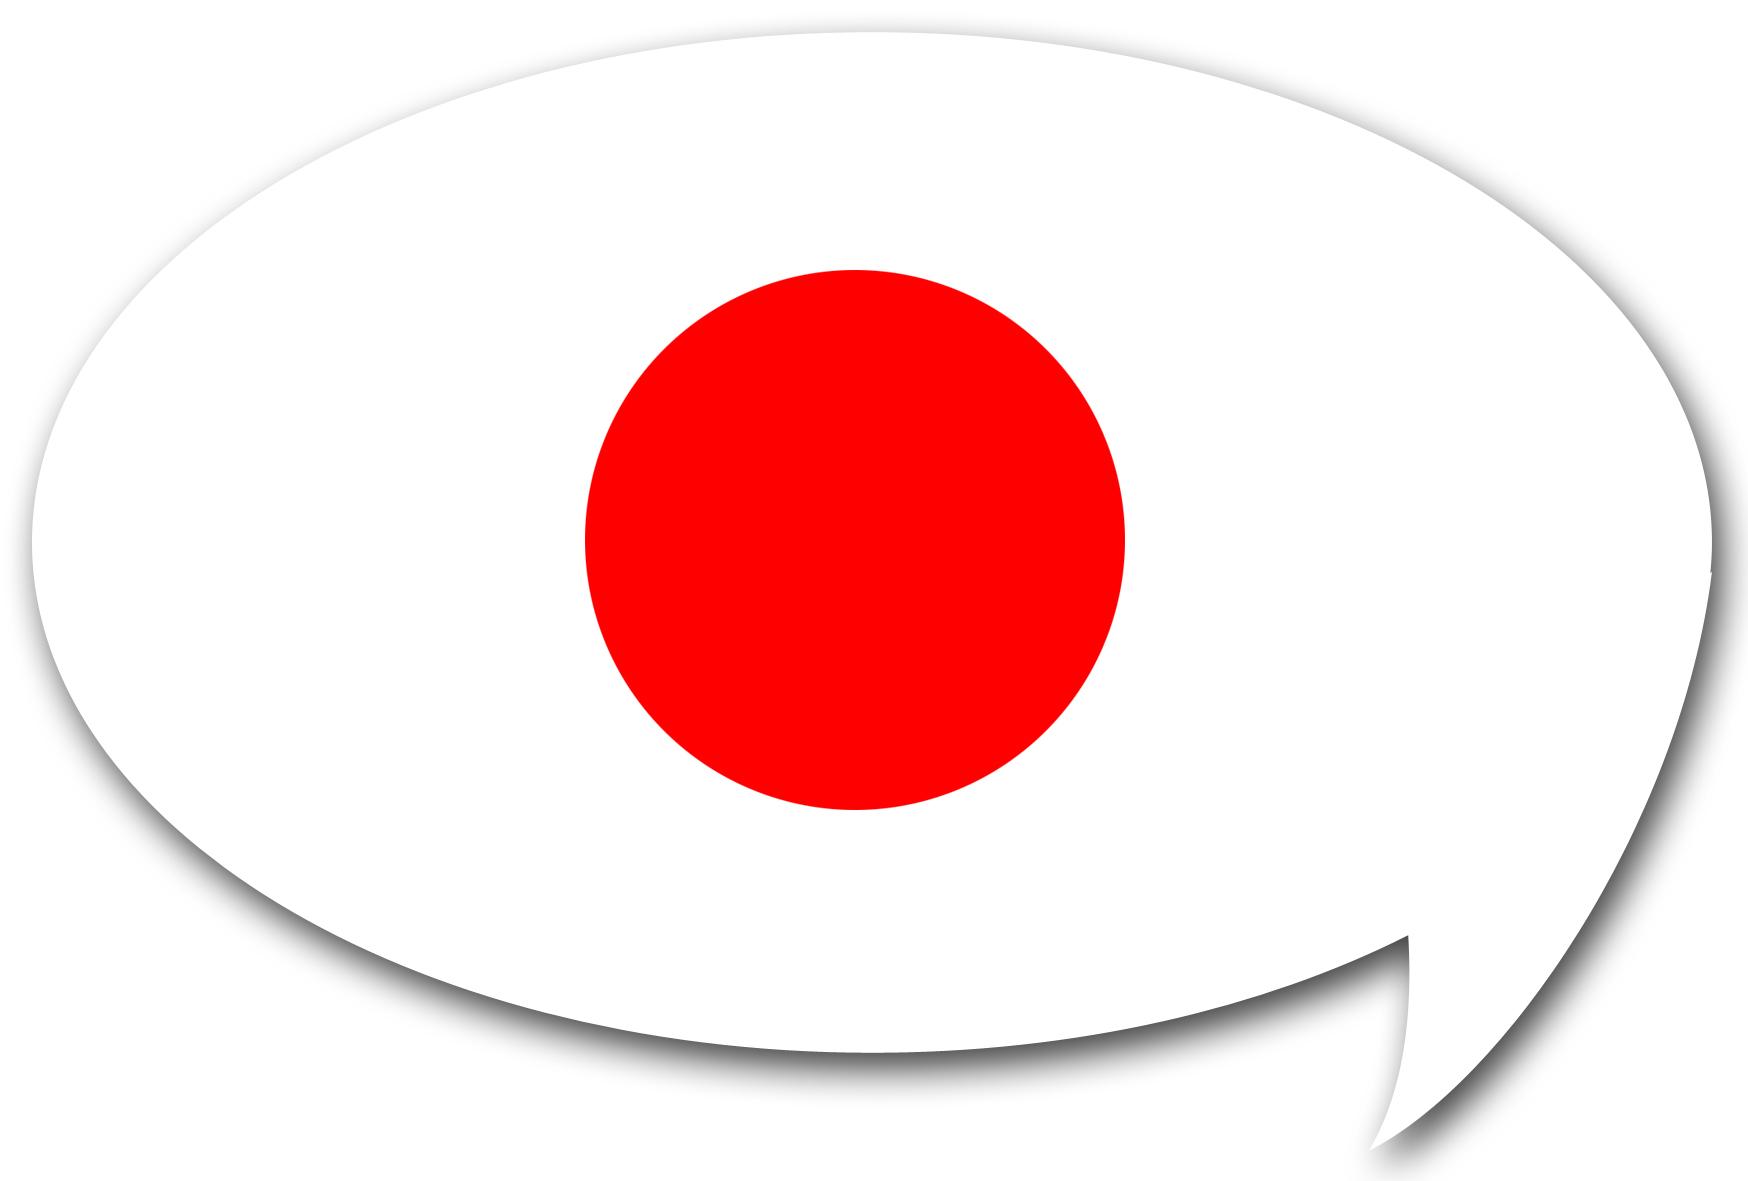 資本や学生の国籍比率で選ぶ - 日本資本語学学校